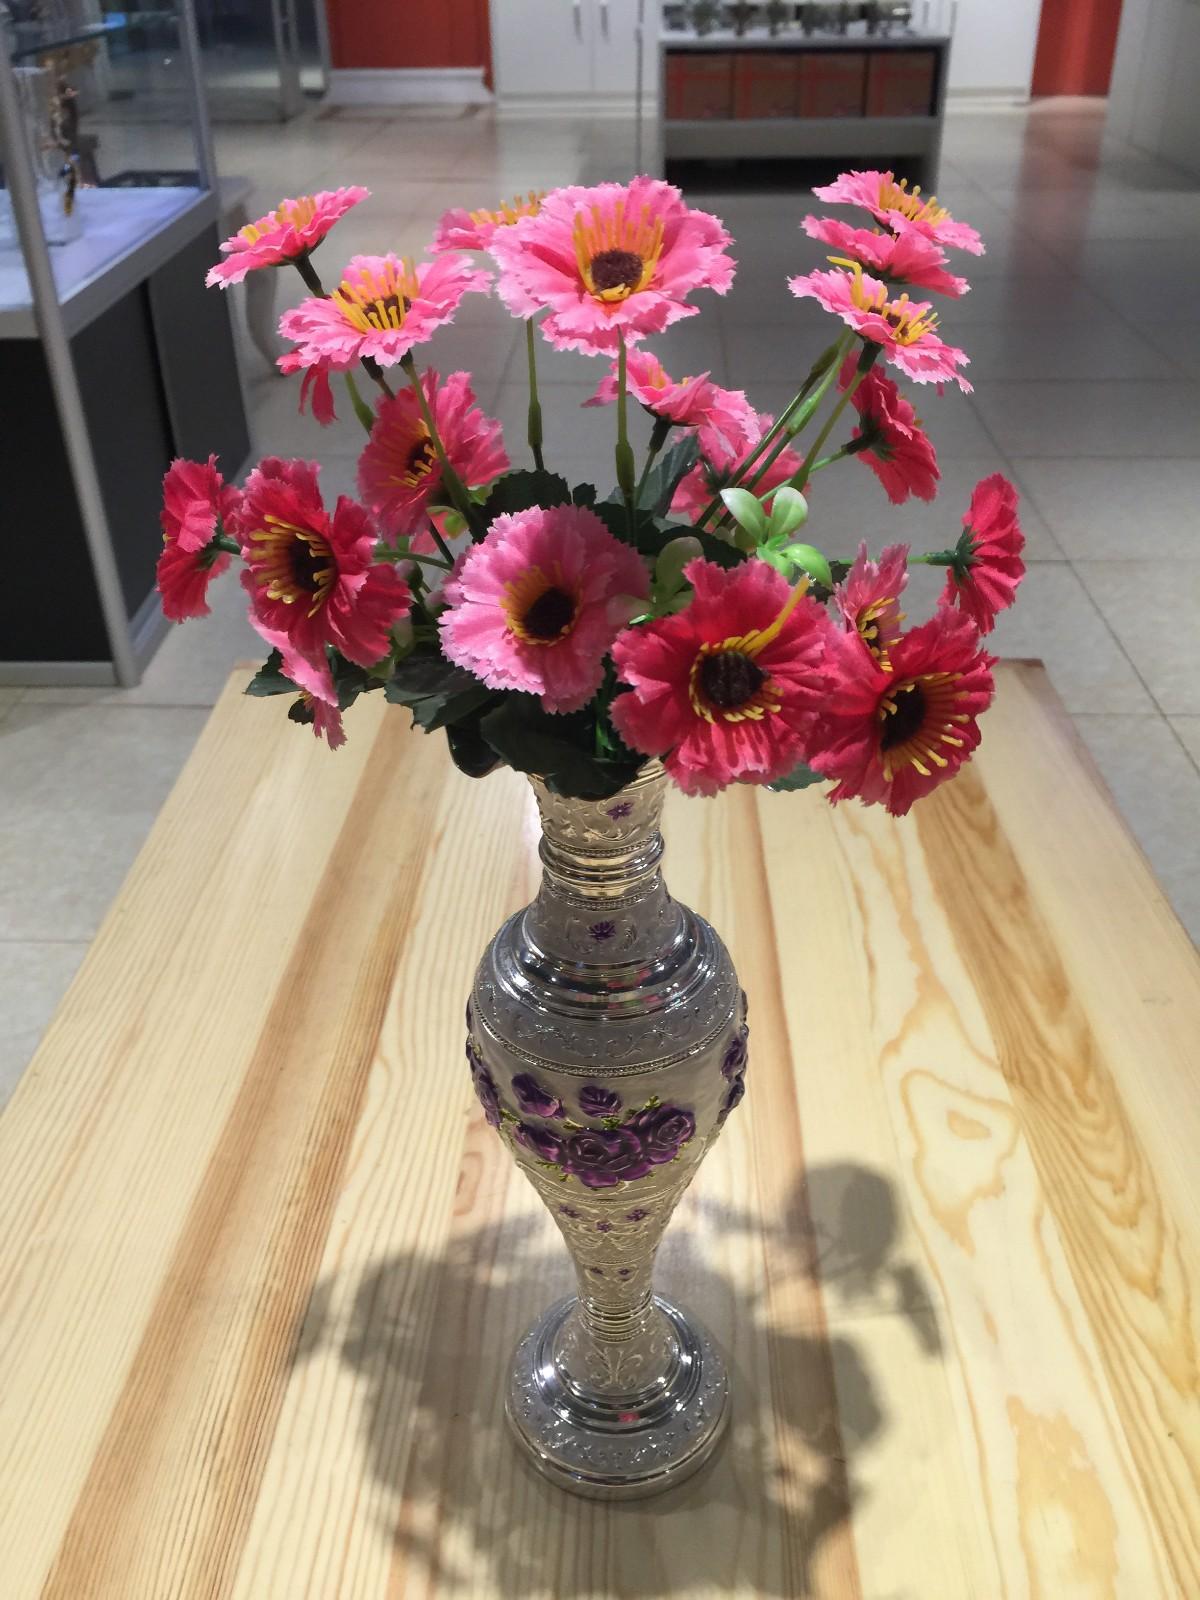 俄罗斯进口工艺品 珐琅花瓶 工艺品 家居装饰图片二